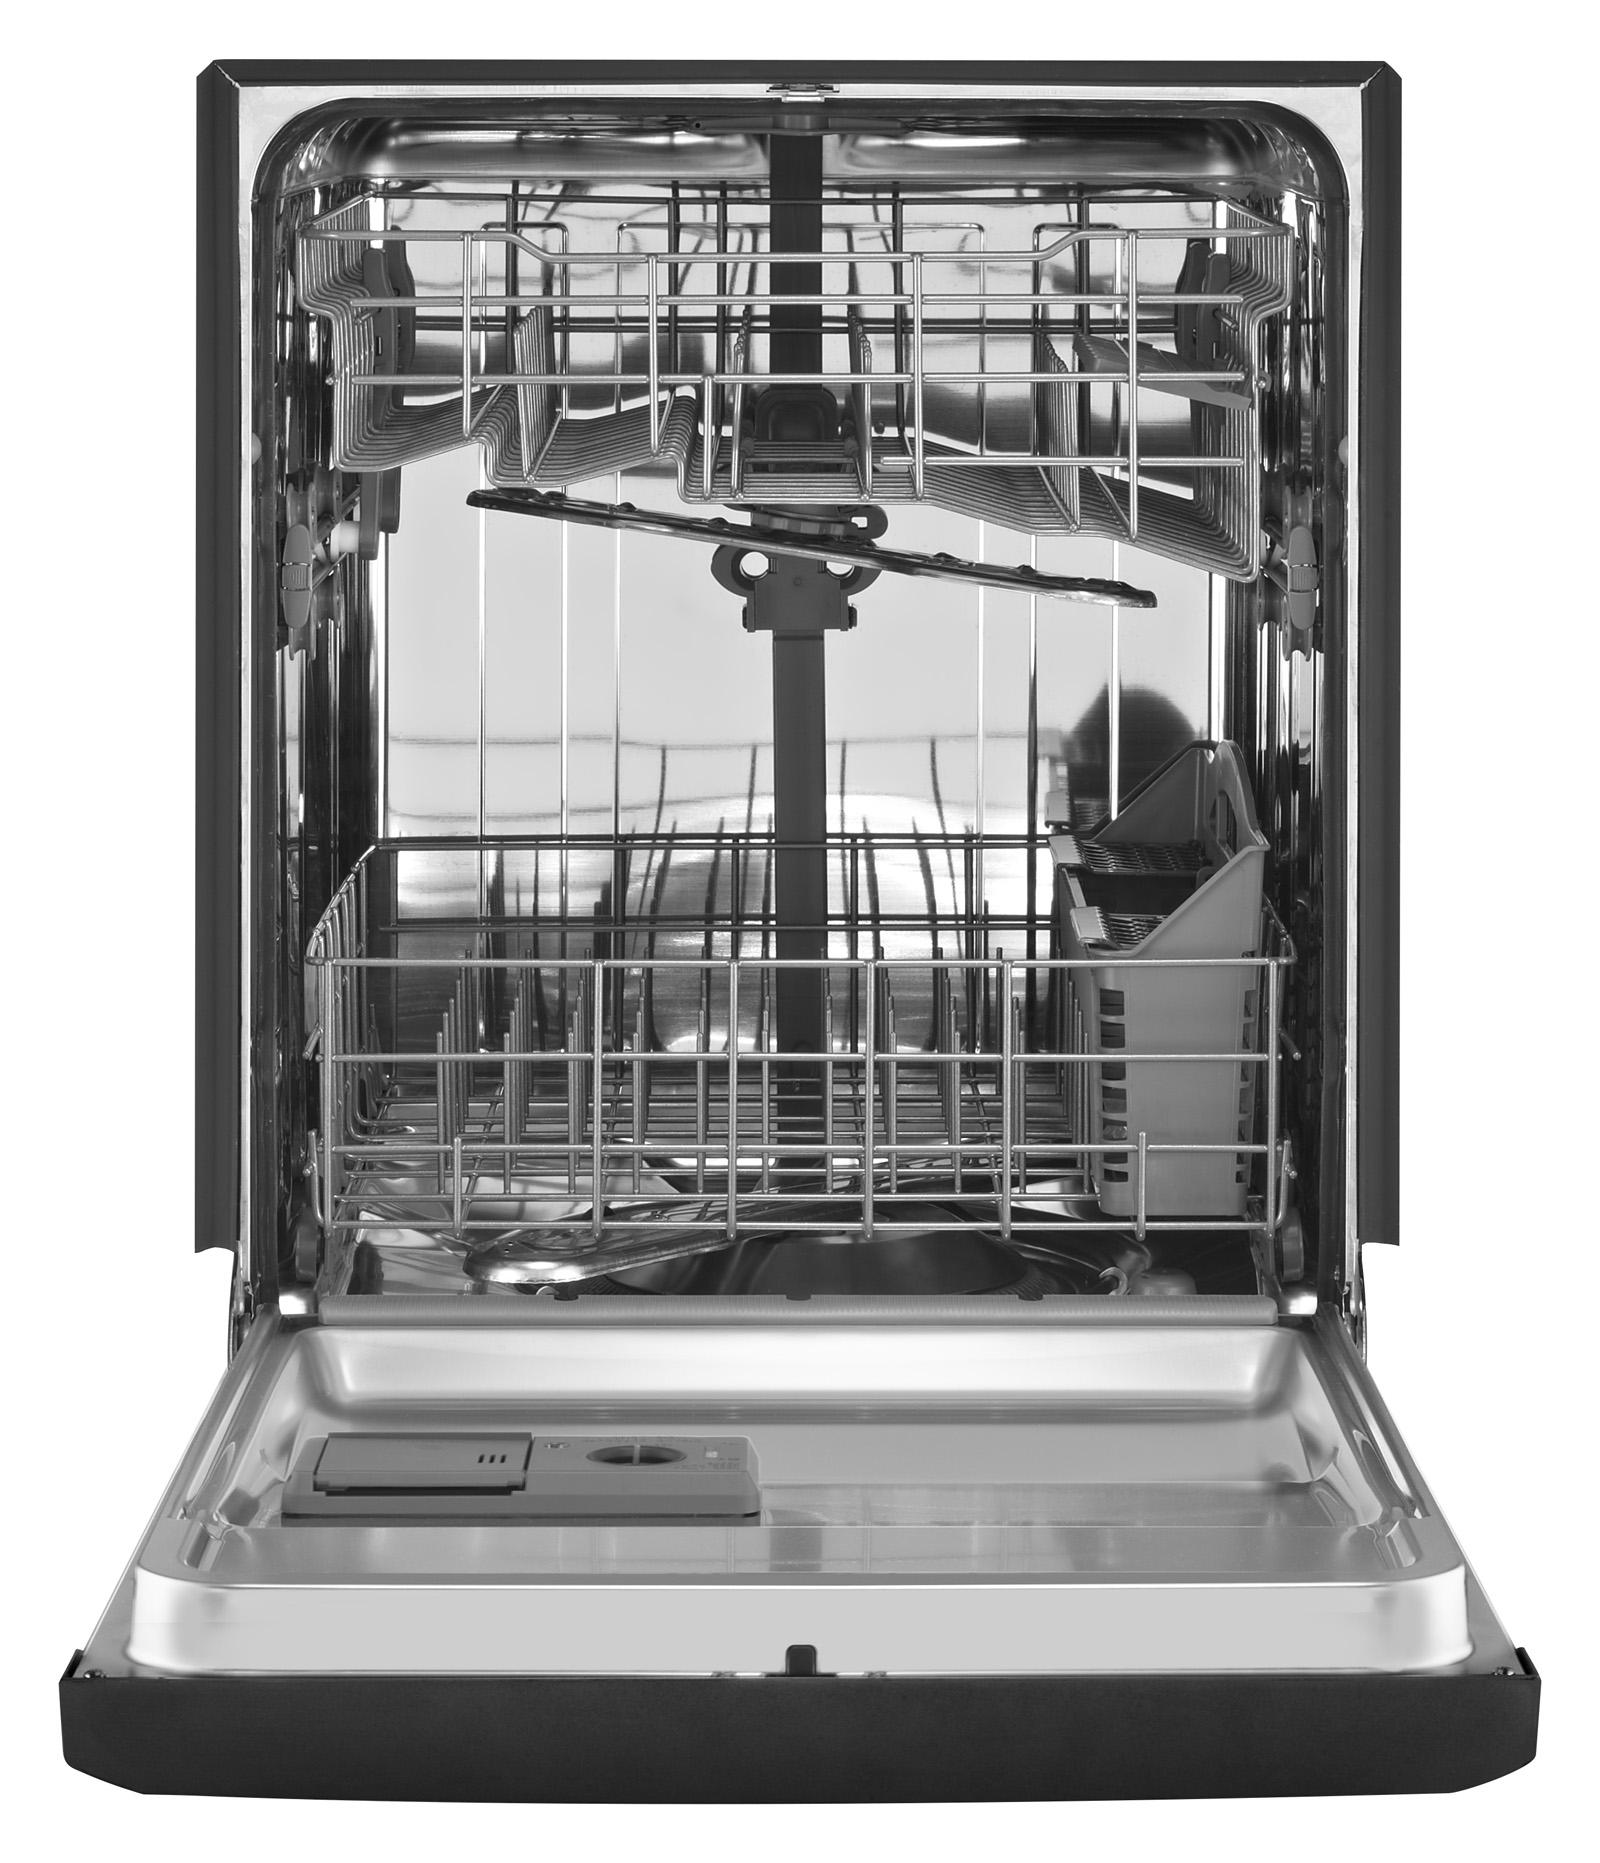 """Maytag 24"""" Built-In Dishwasher w/ PowerBlast™ Cycle - Black"""